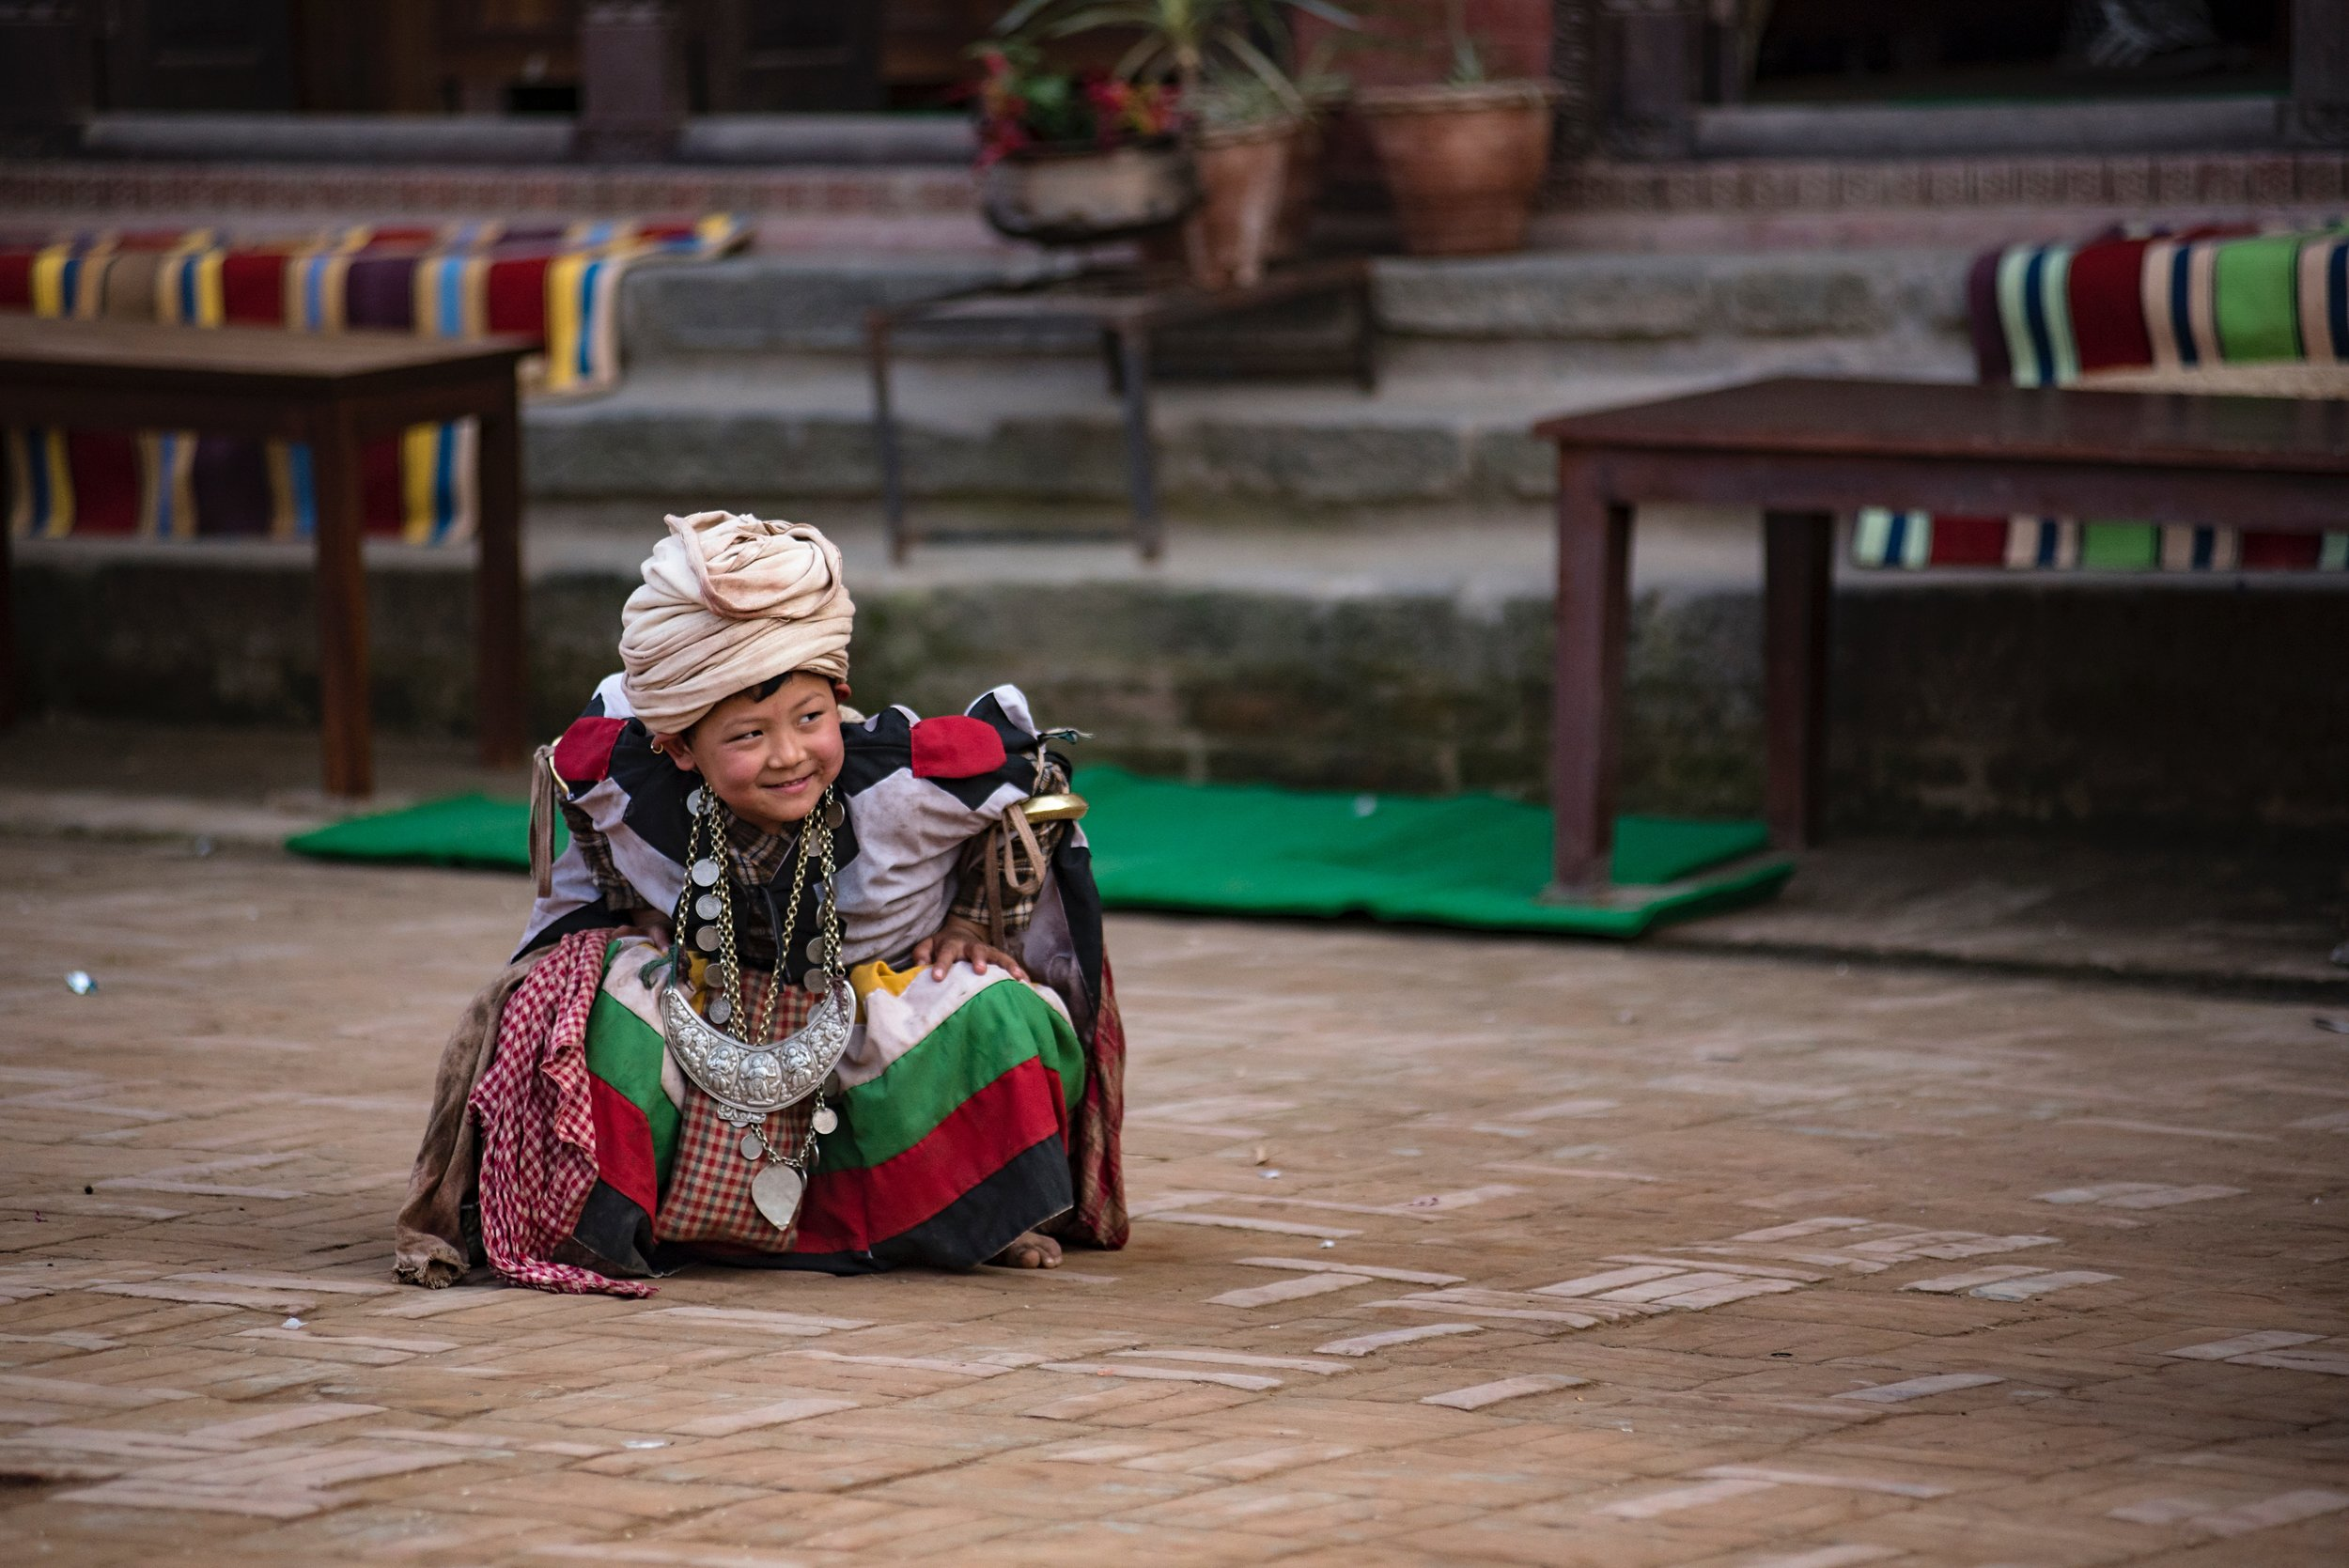 nepal_photos-of-nepal-532329-unsplash.jpg